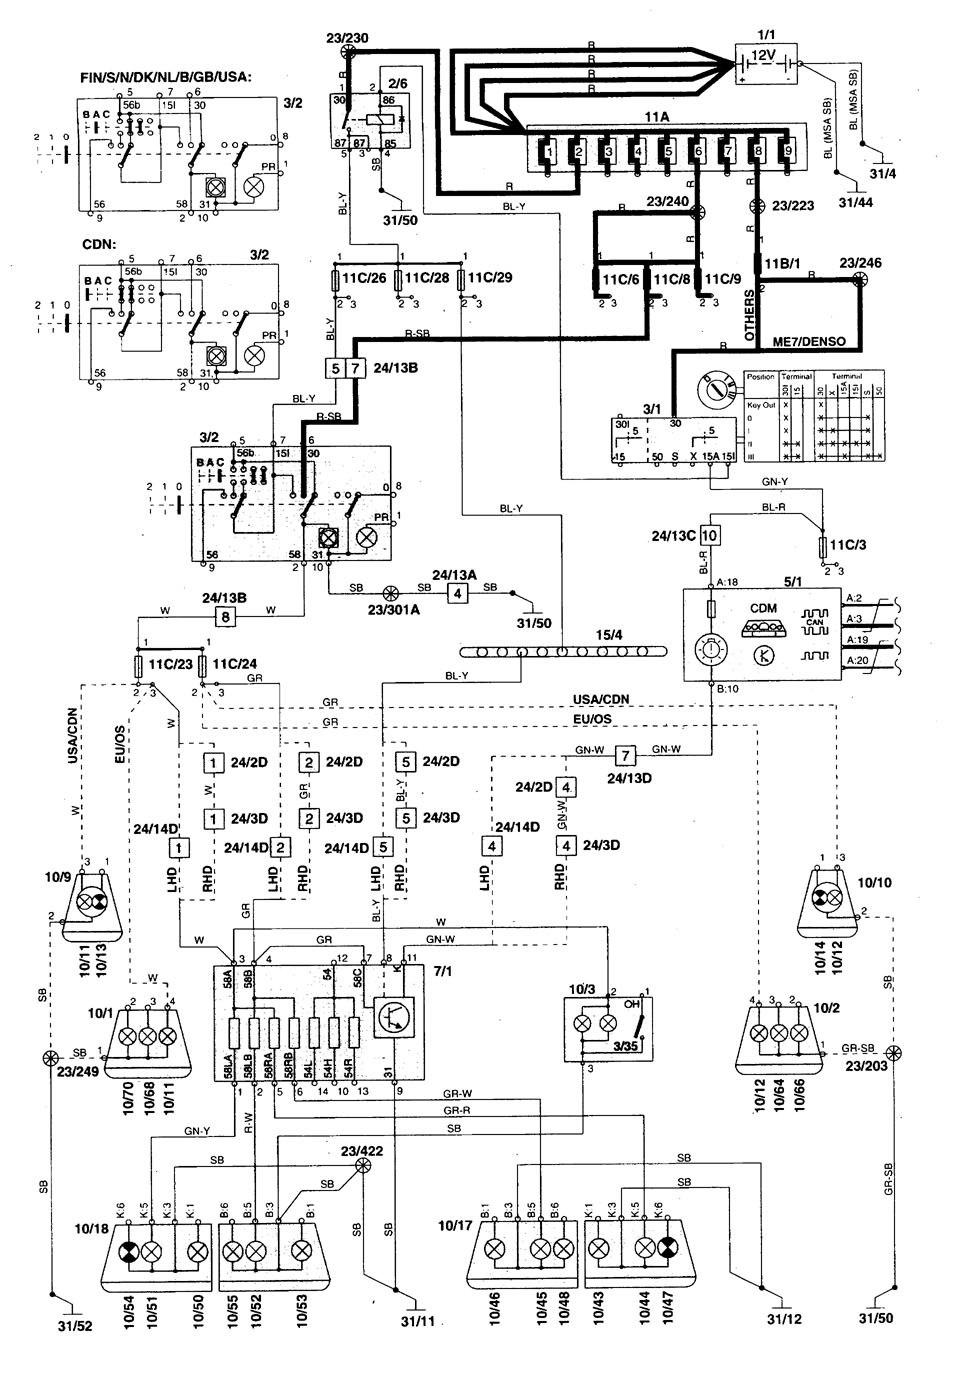 [ZSVE_7041]  HG_4263] Wiring Diagram Furthermore Volvo Vnl Truck Wiring Diagrams  Headlight Schematic Wiring | Volvo Vnl Truck Wiring Diagrams Low Air |  | Lukep Aidew Illuminateatx Librar Wiring 101